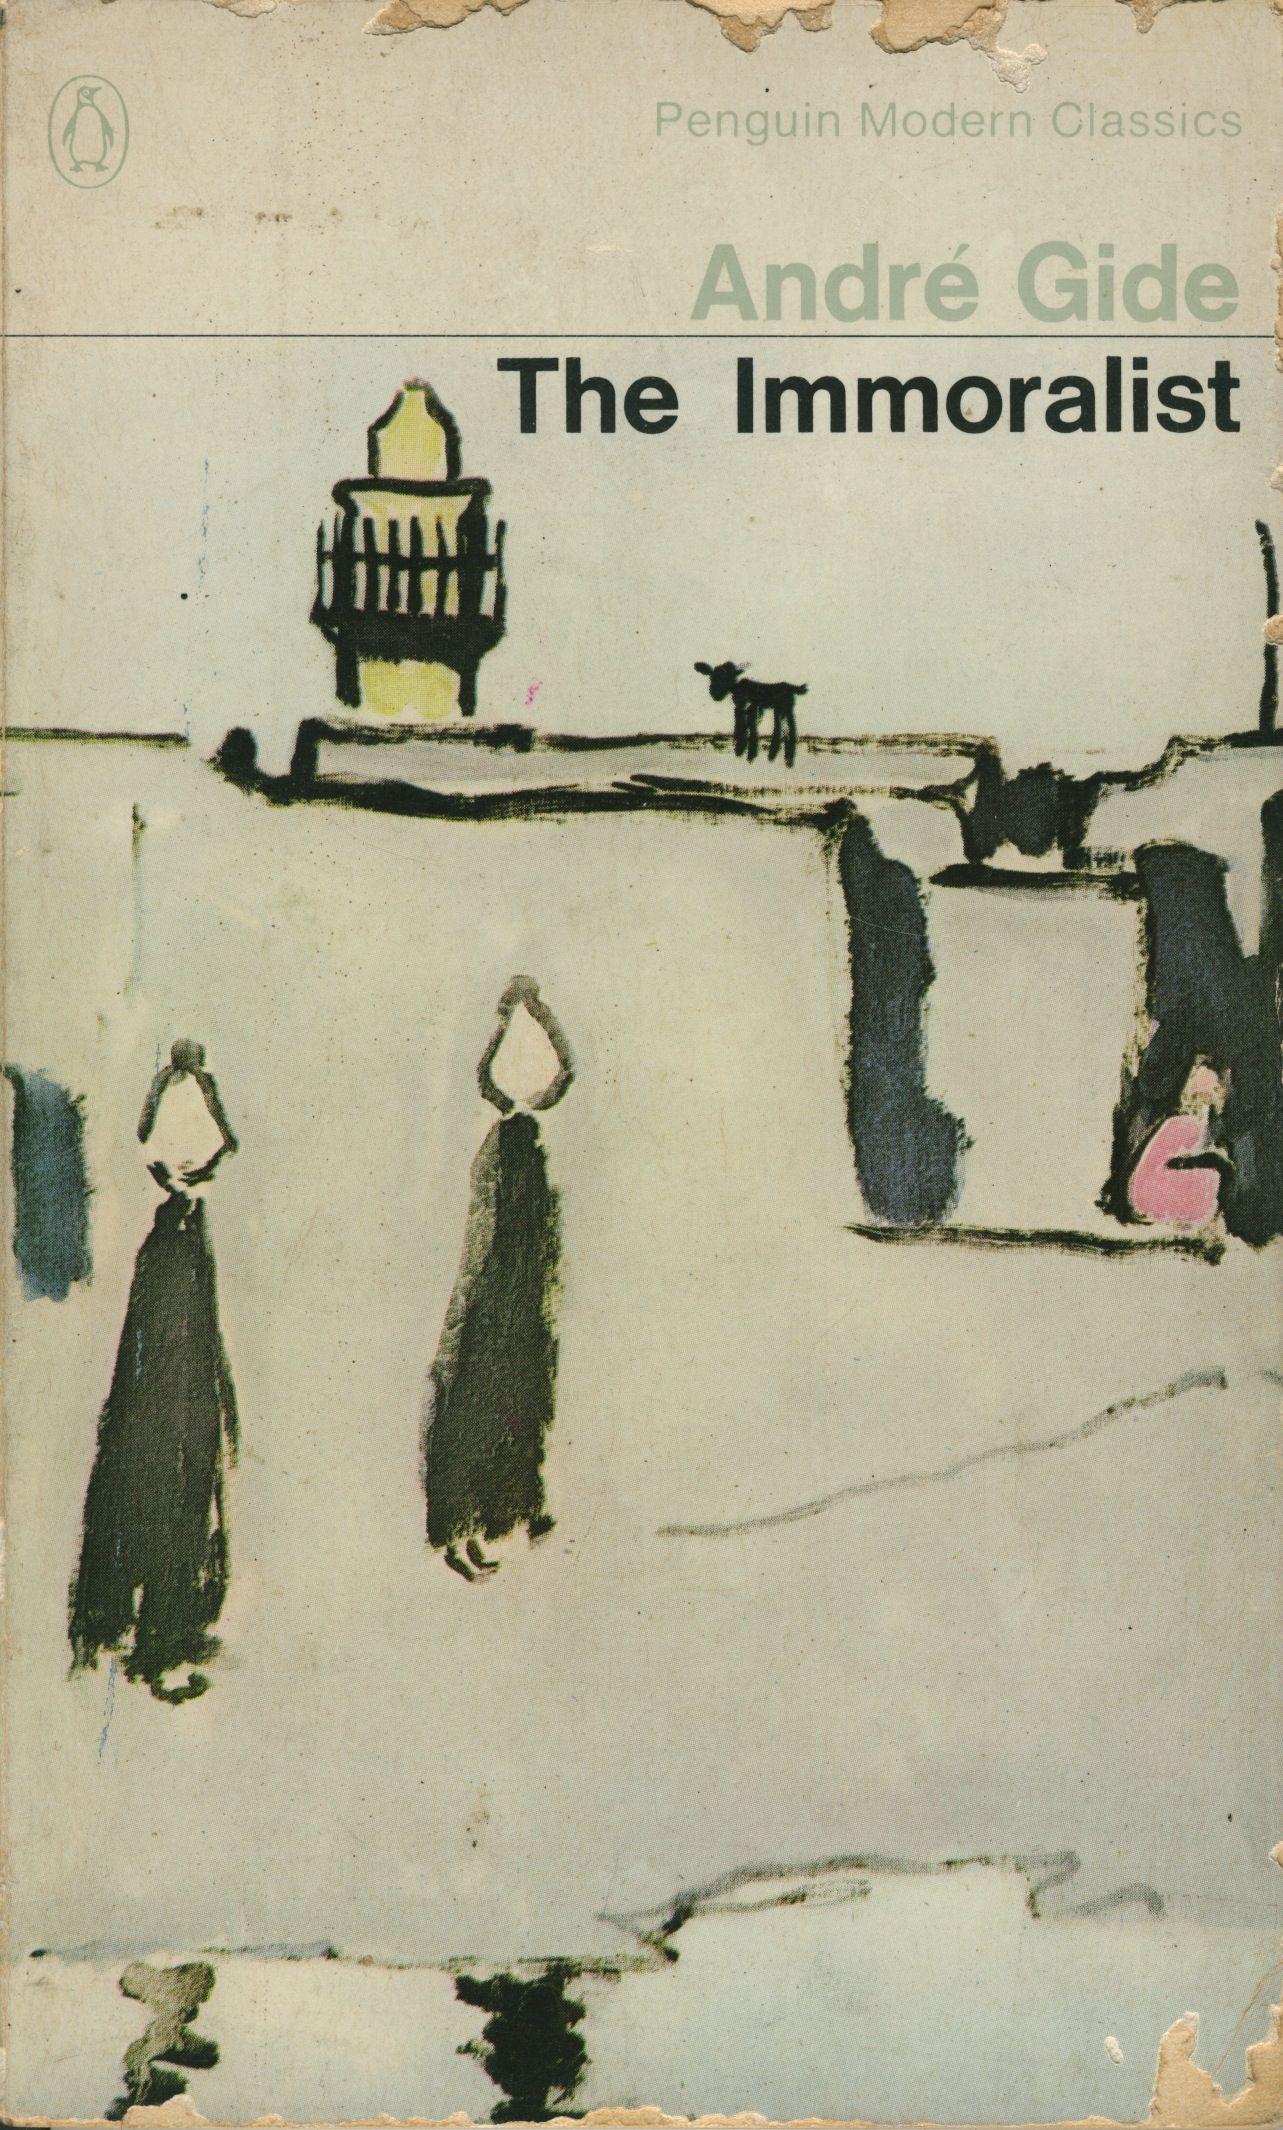 Andre Gide, The Immoralist | Books | Pinterest